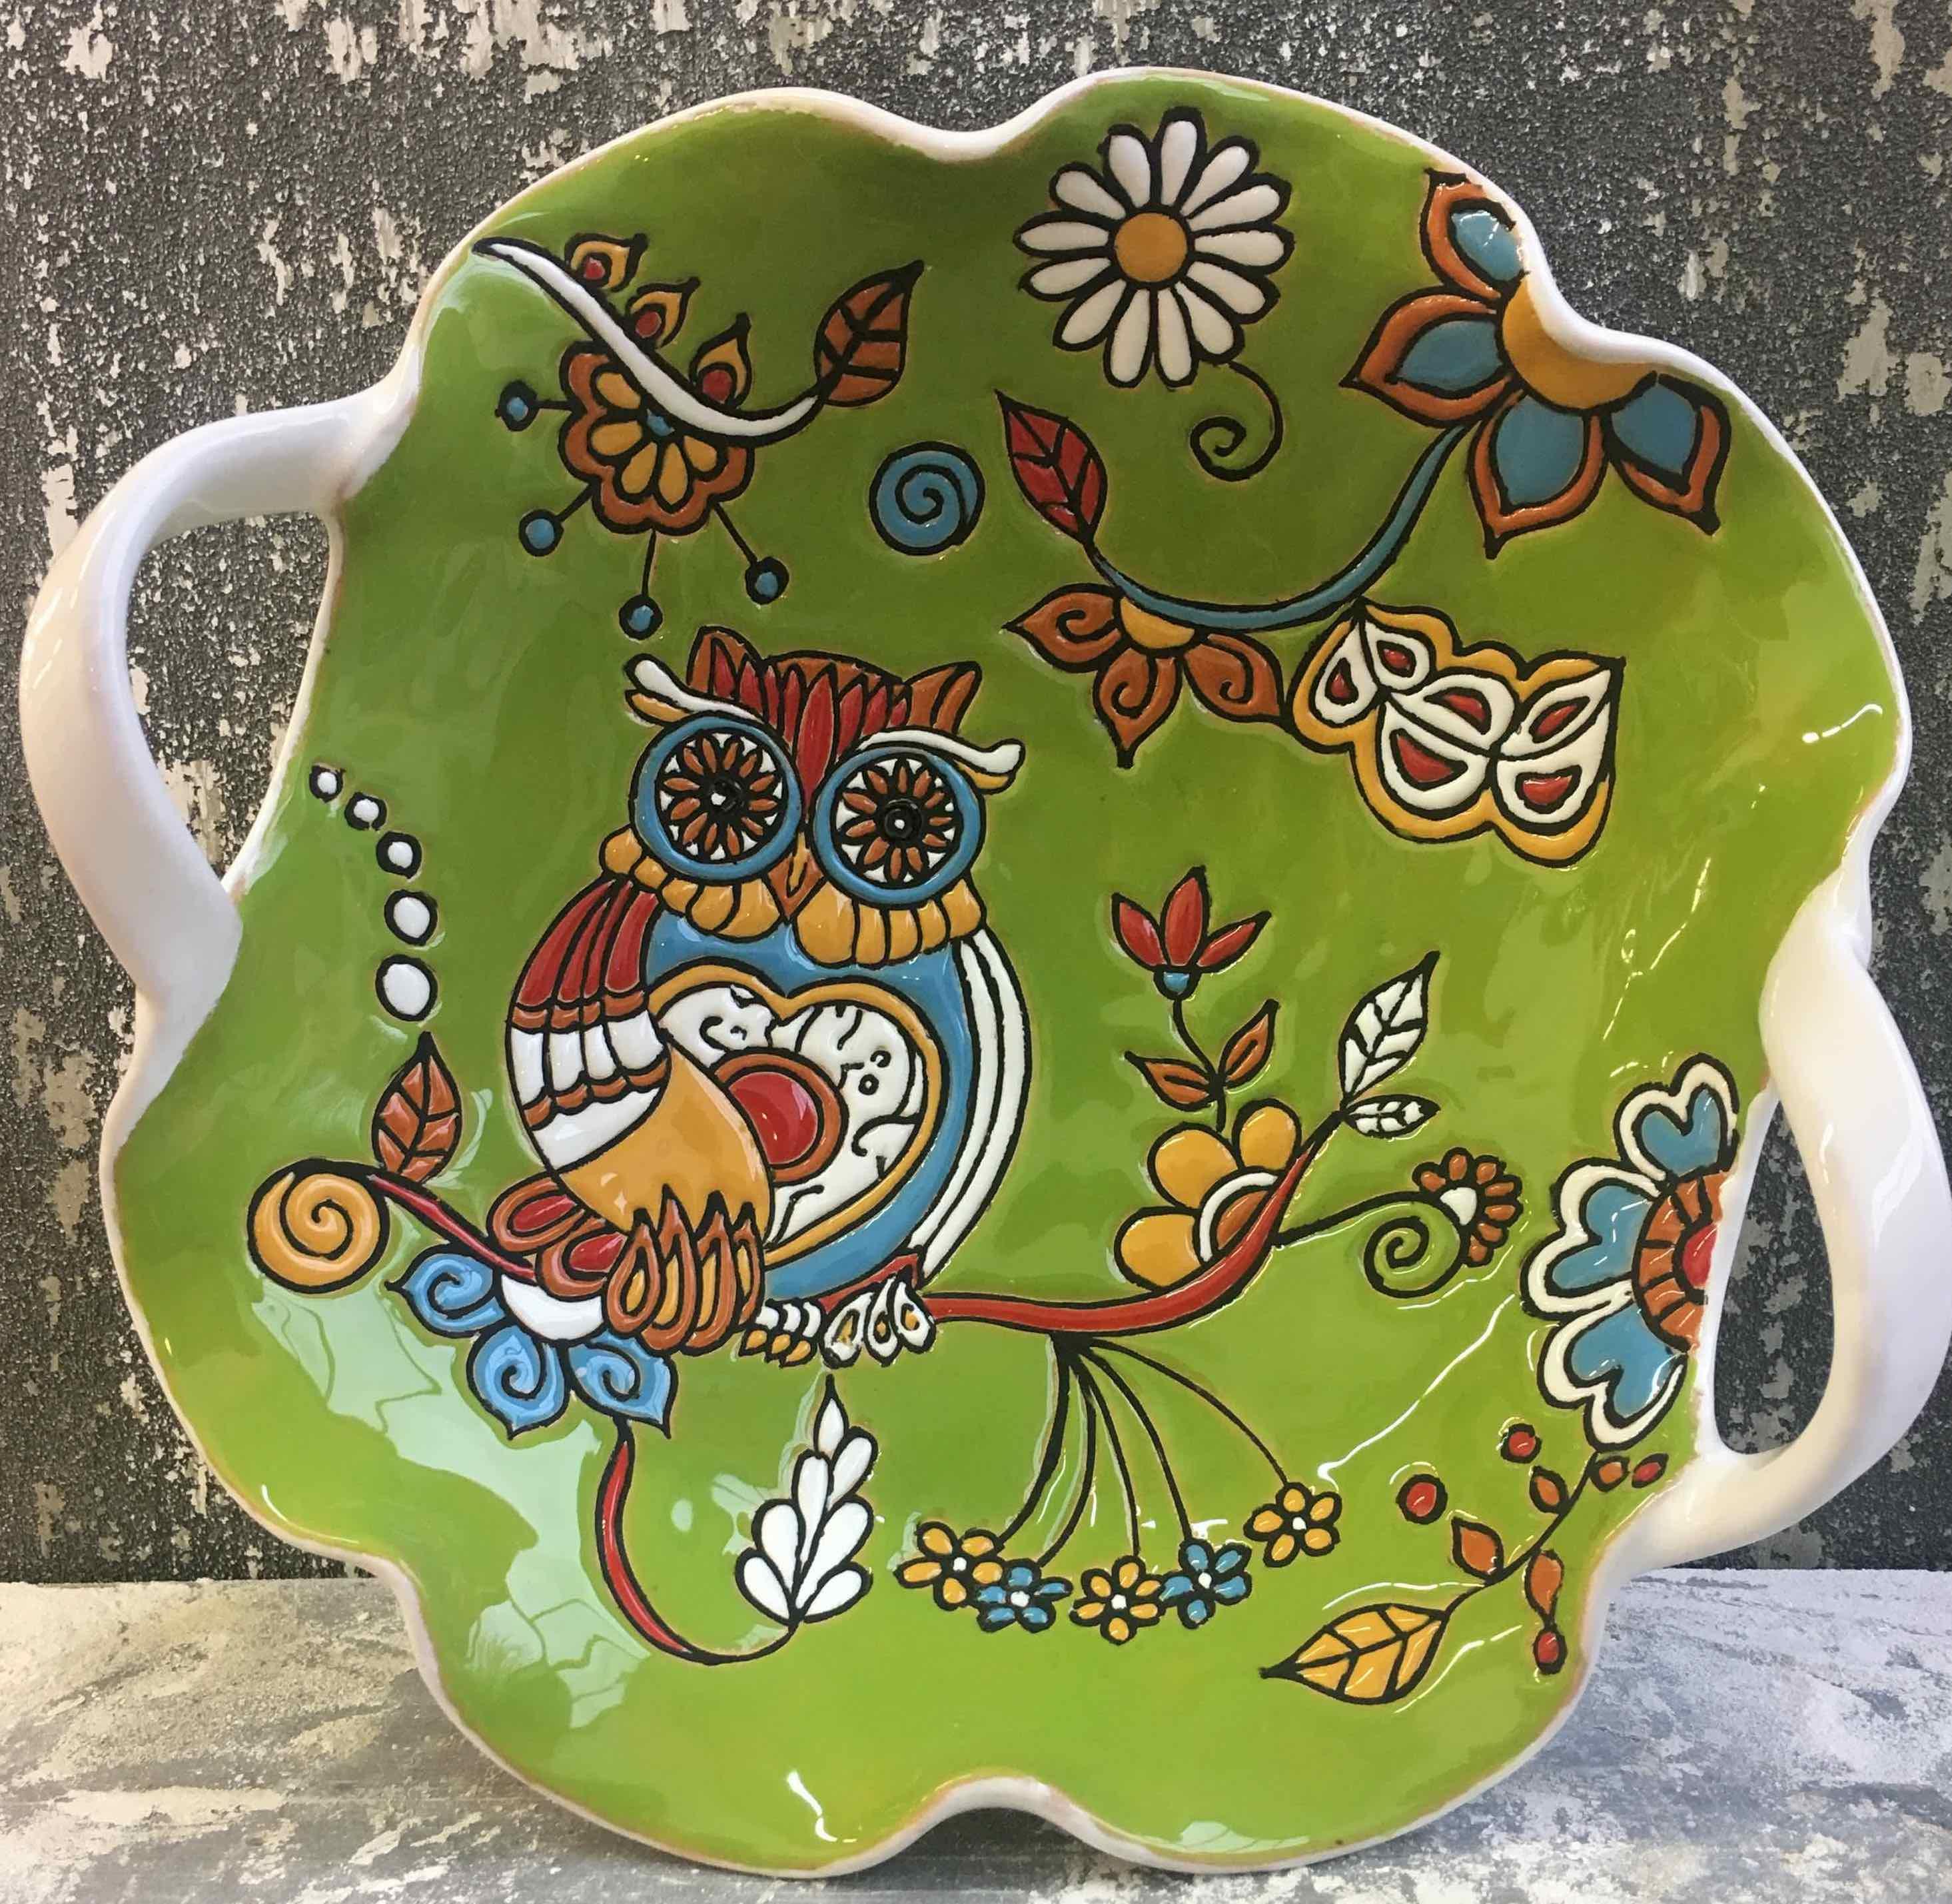 Decorazione cuerda seca sulla ceramica artigianale